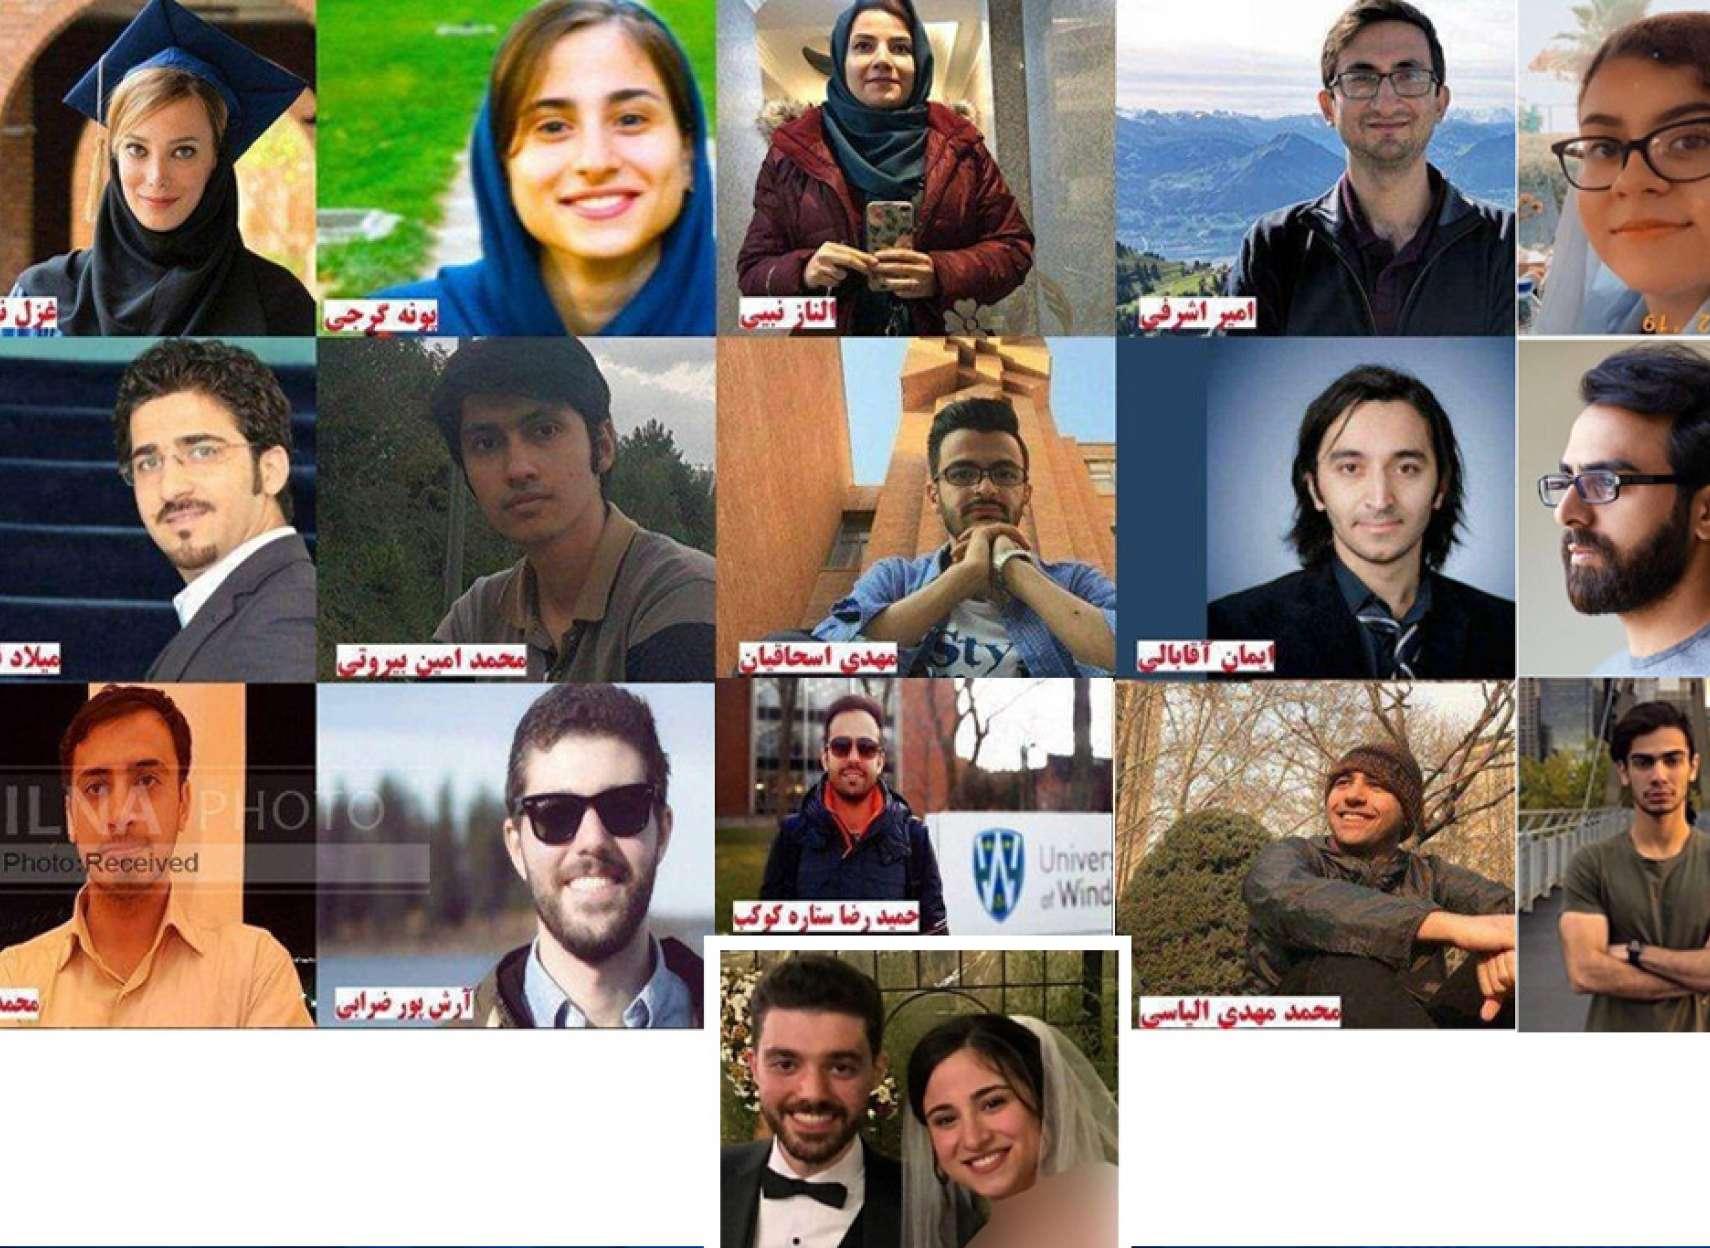 اخبار-ایران-اسامی-درگذشتگان-سقوط-هواپیمای-بوئینگ-اوکراین-در-تهران